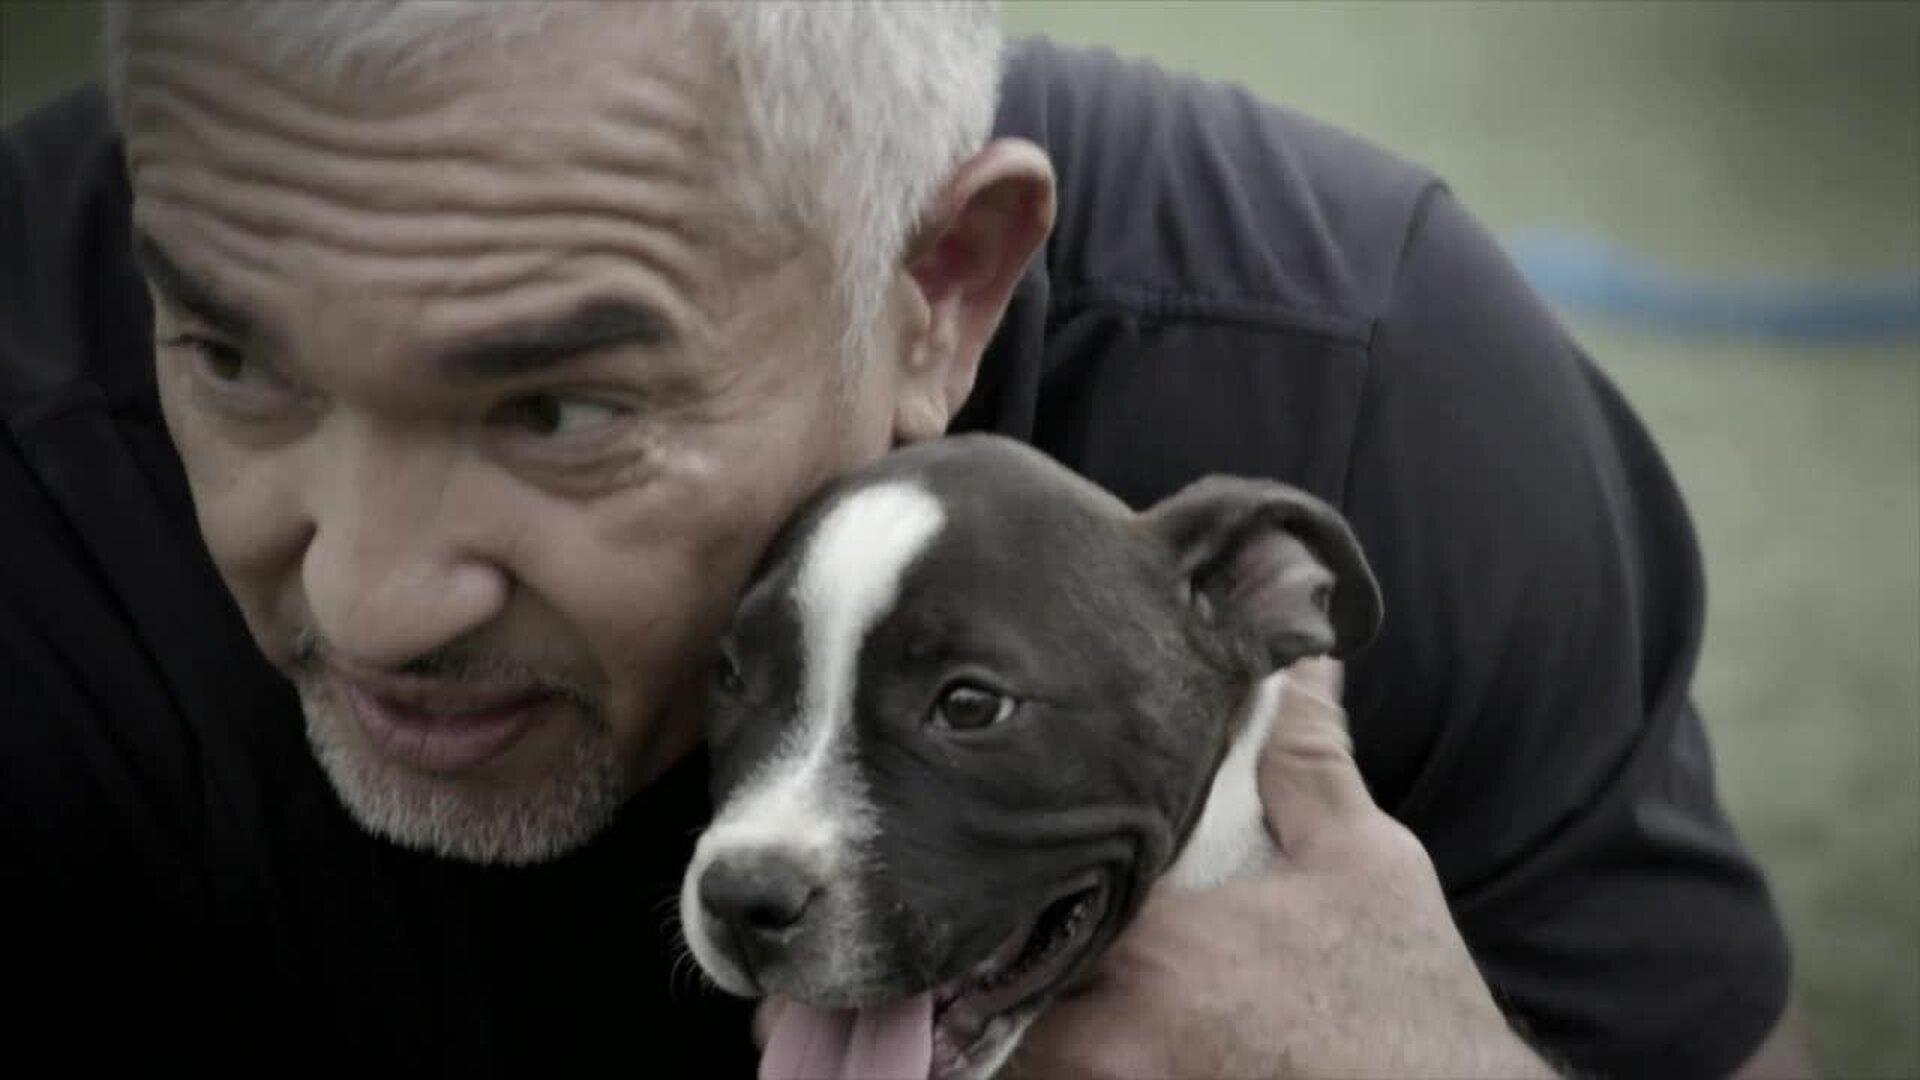 Cesar Millan: Better Human Better Dog — s01e01 — Fit For Service